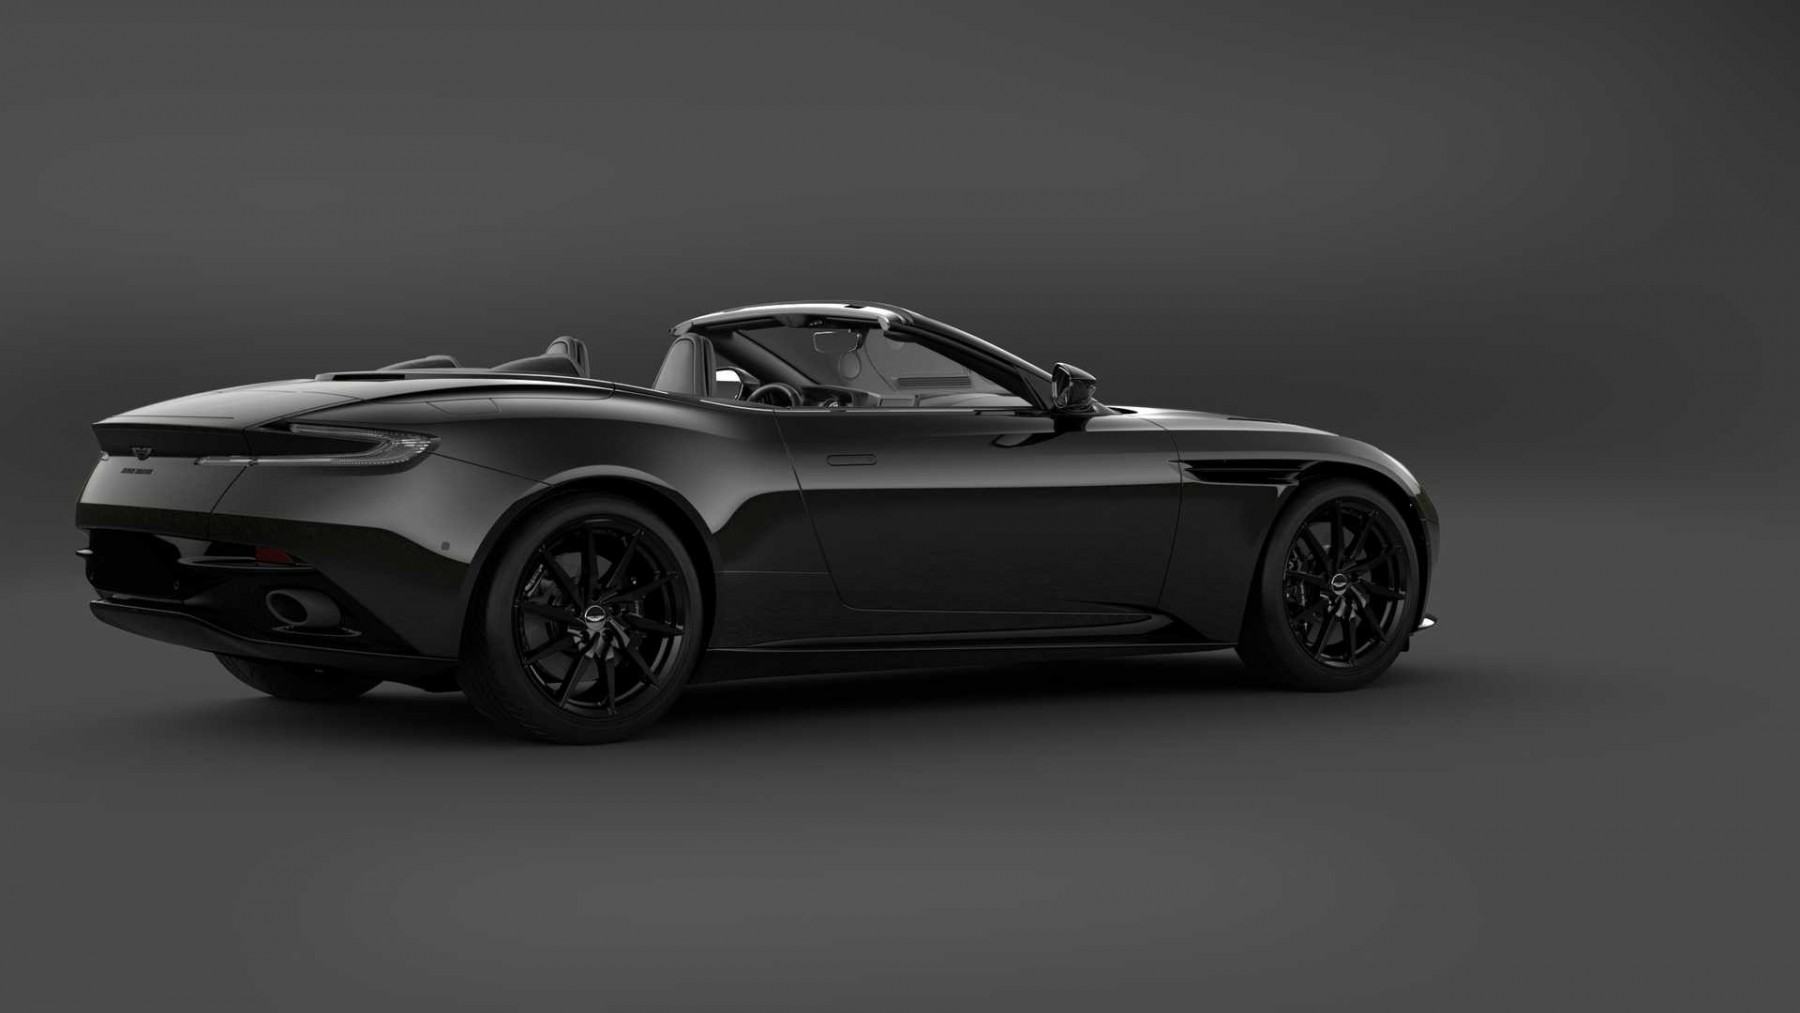 Aston Martin DB11 Shadow Edition